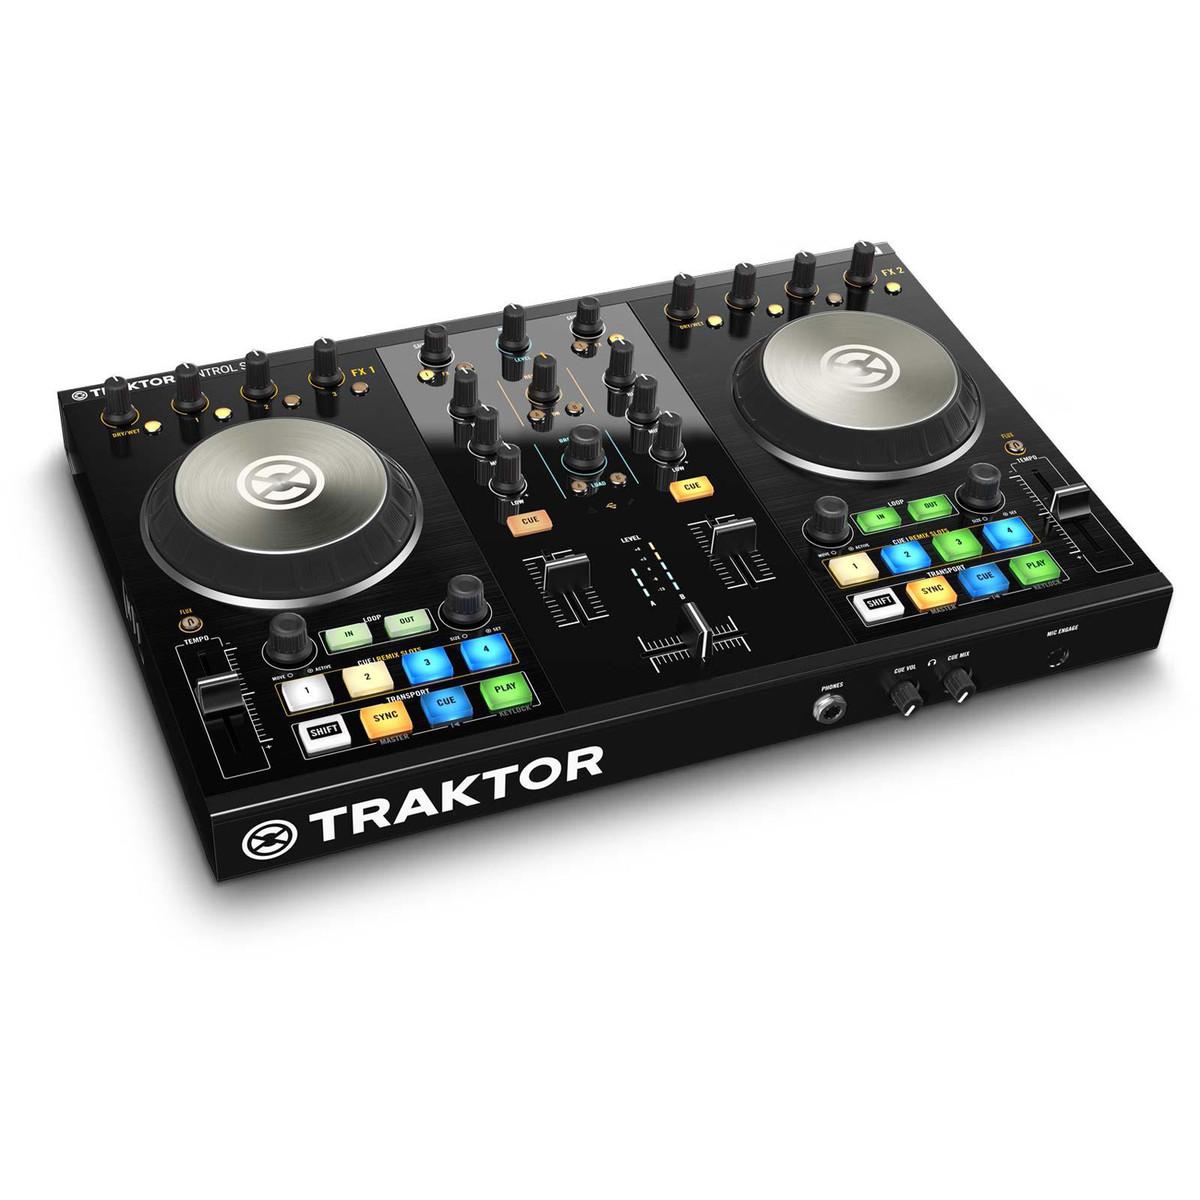 Image of Native Instruments Traktor Kontrol S2 MK2 DJ Controller